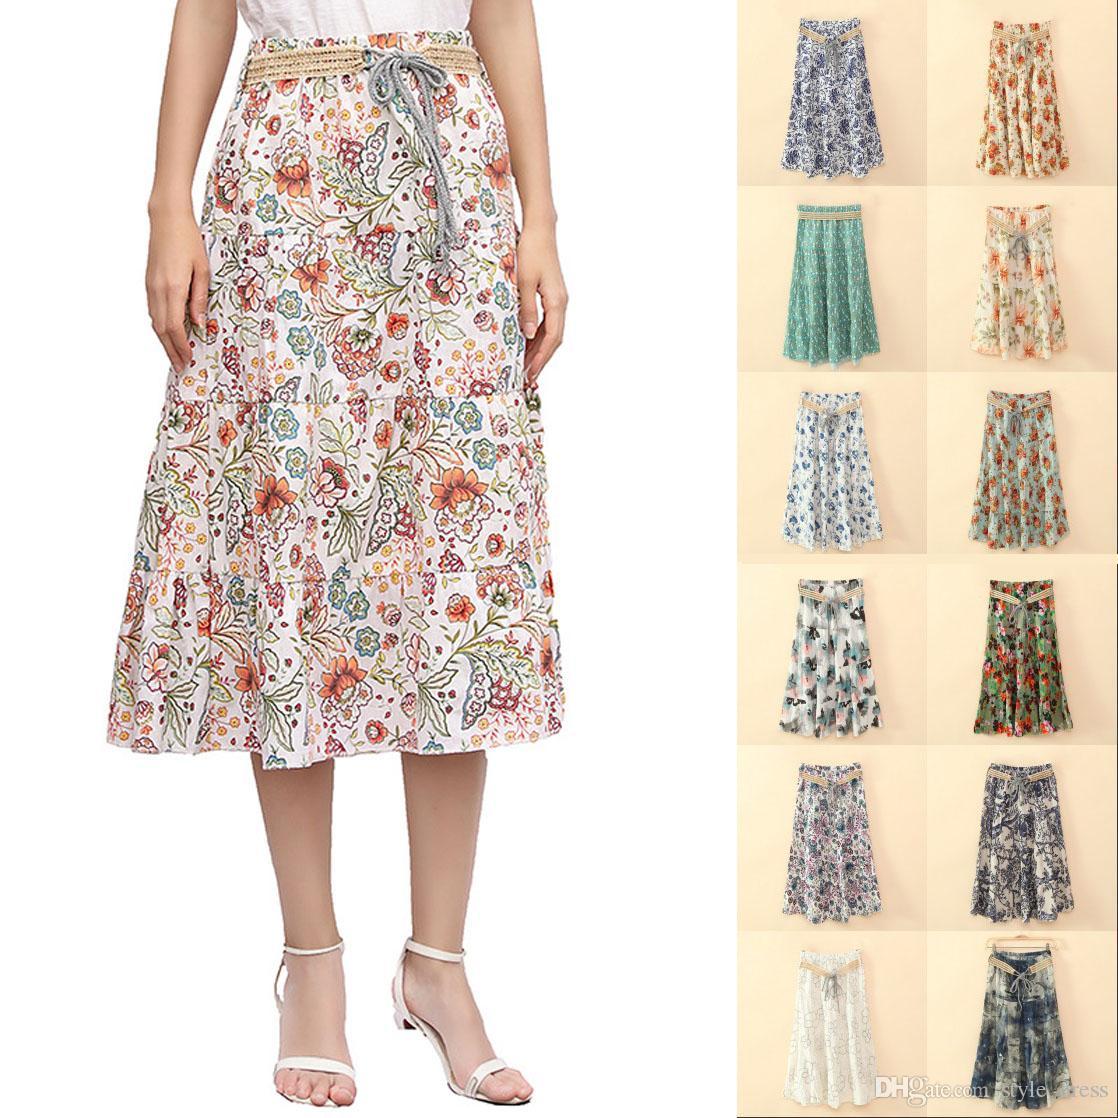 5427cb96eecdf Bohemian Women Midi Skirt Summer Beach Floral Print Belted High Waist Boho  Skirt